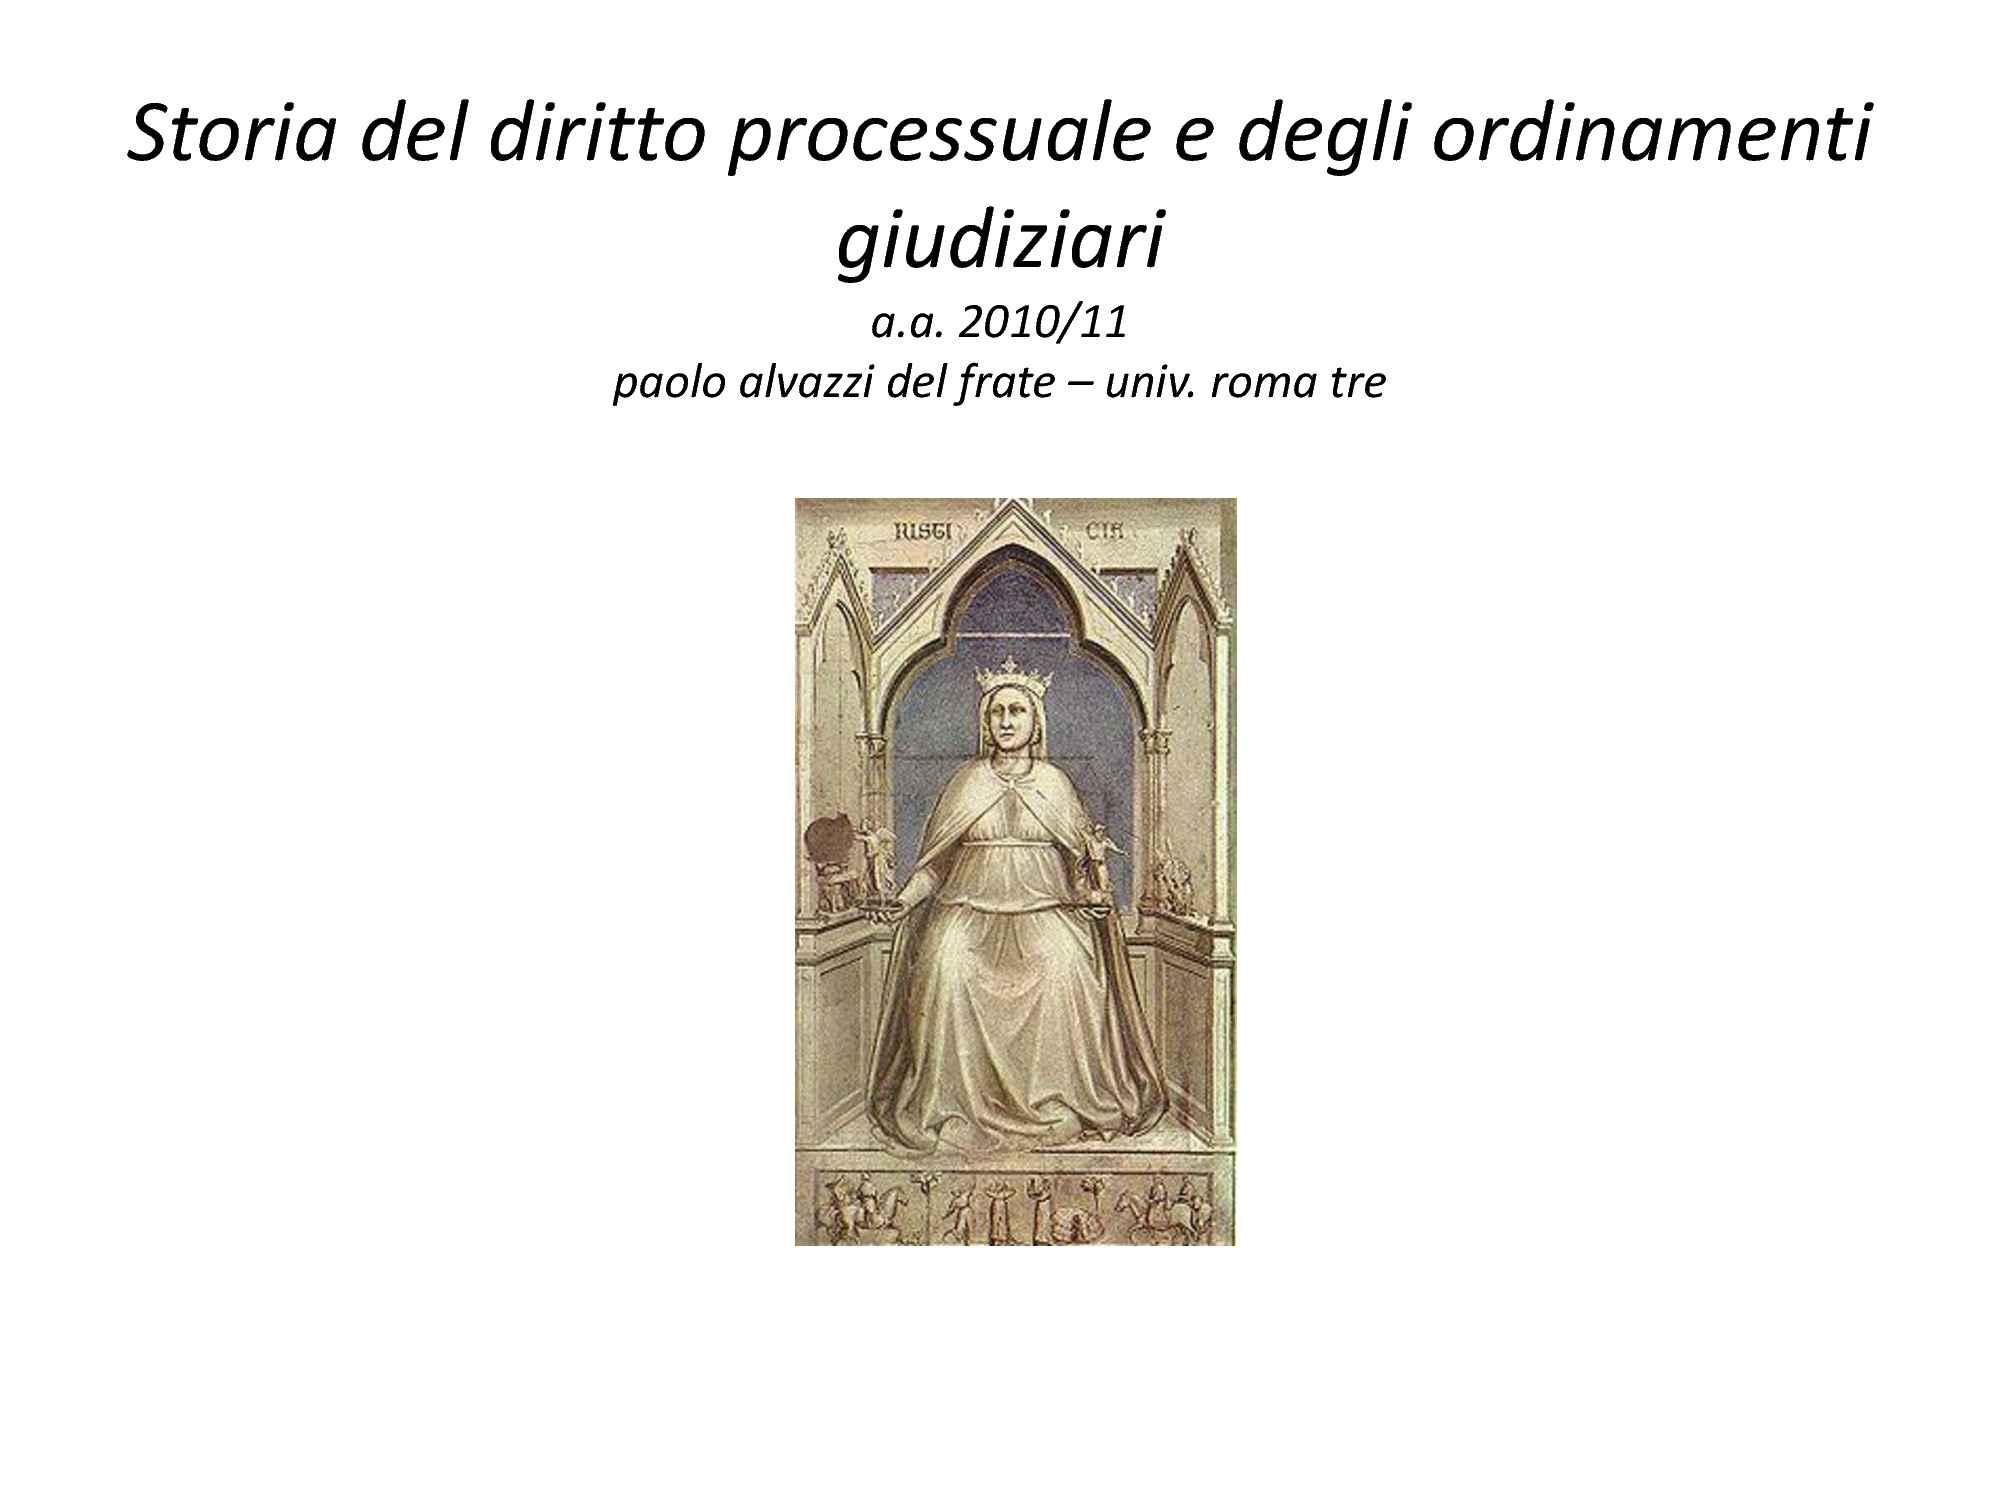 dispensa P. Alvazzi del Frate Storia del diritto processuale e degli ordinamenti giudiziari